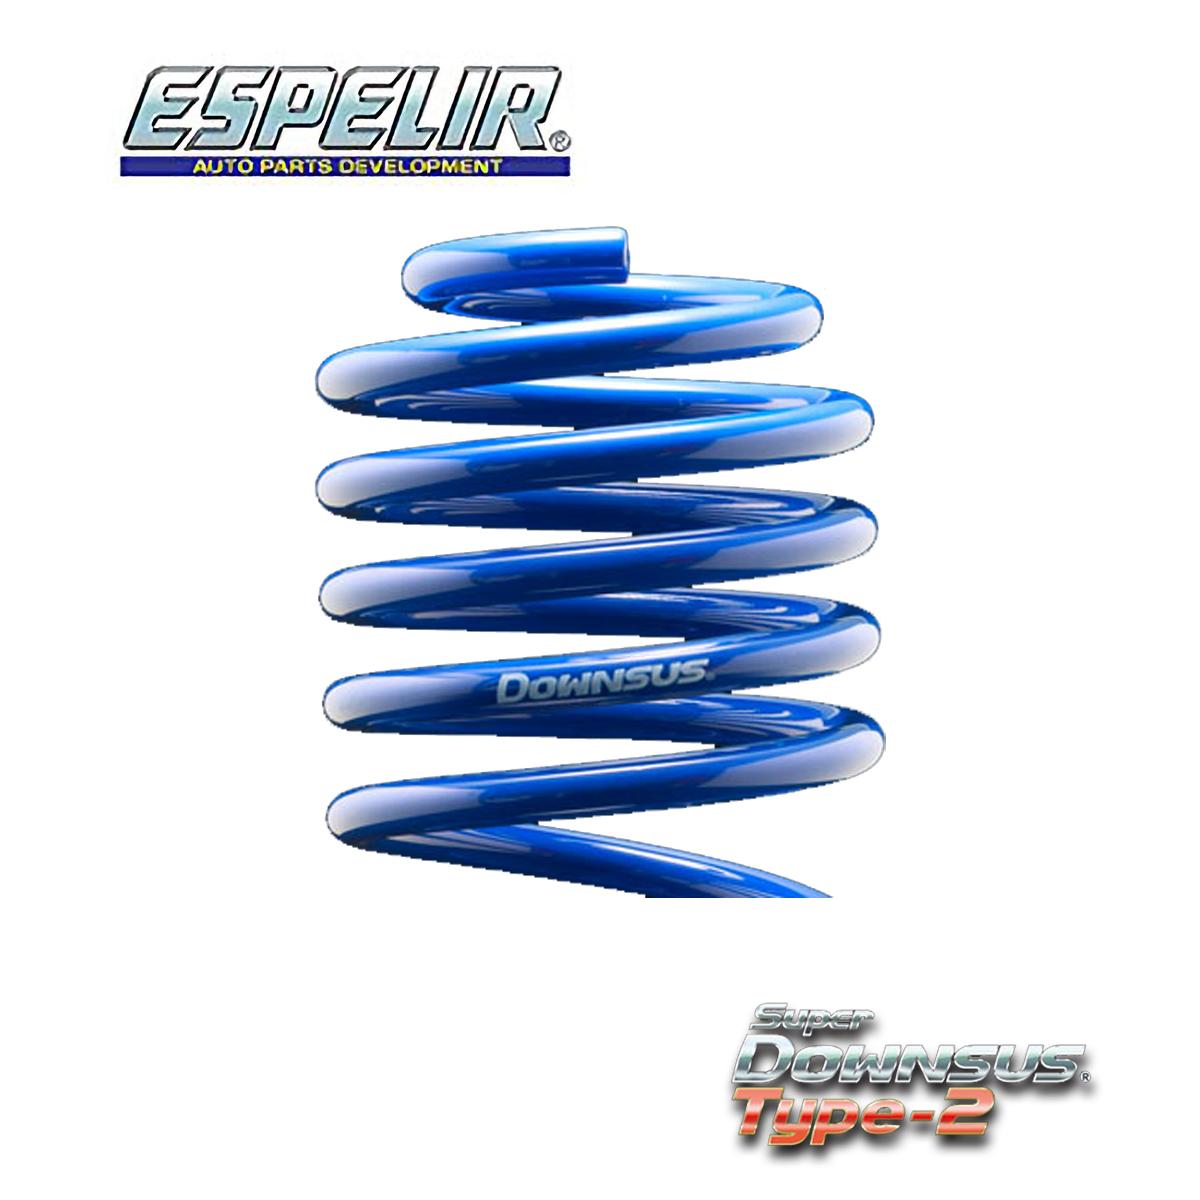 エスペリア セレナ GFC27 ニスモ スプリング ダウンサス フロント フロント ESN-4742F スーパーダウンサス タイプ2 Super DOWNSUS Type2 ESPELIR